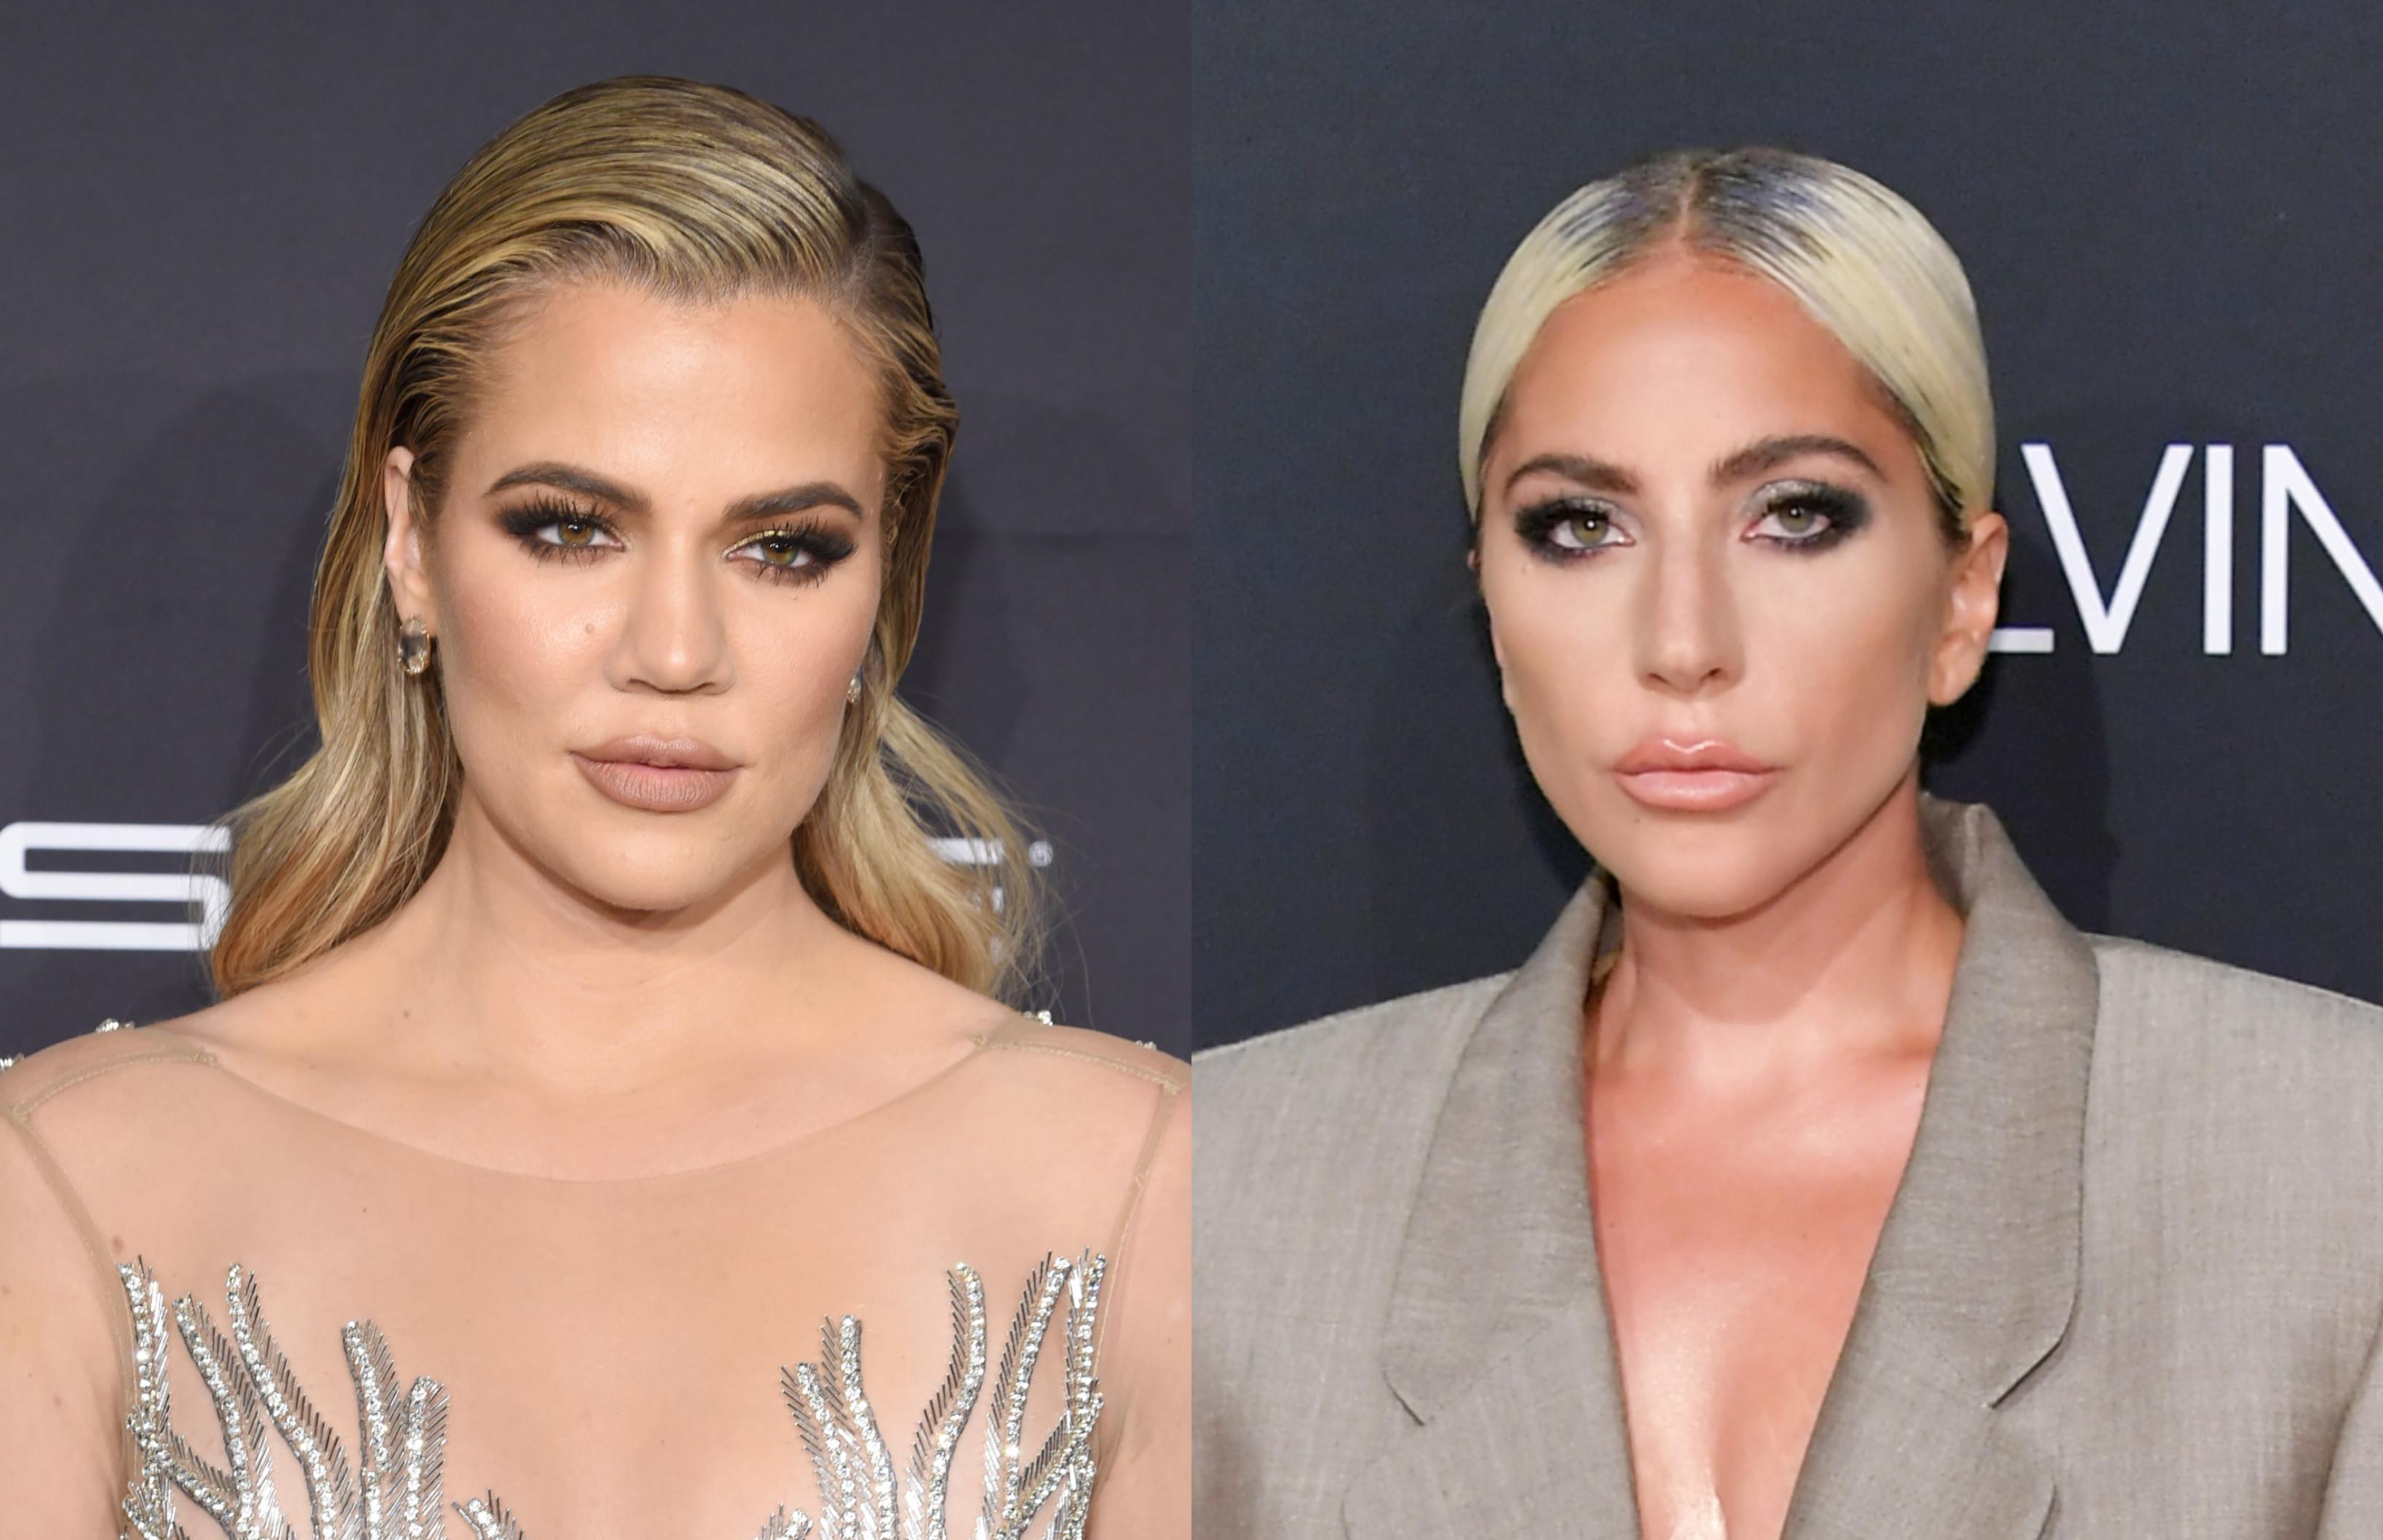 Os amores e desamores das celebridades em 2019